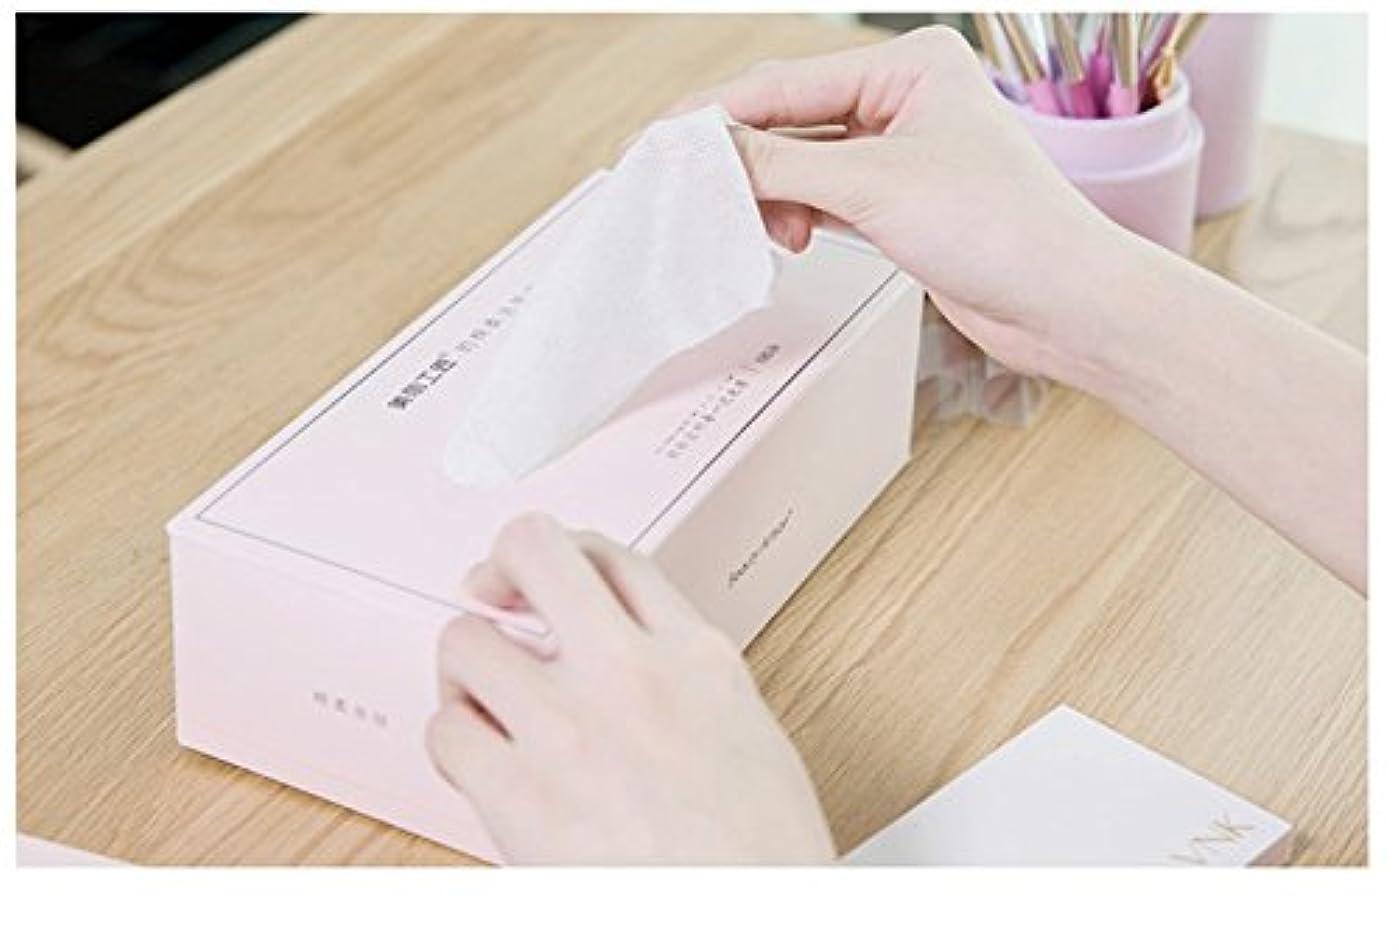 ミュート魅惑する刃Aorunji 柔らかい スーパーソフトピュアコットンティッシュ使い捨てリントフリーコットンパッドティッシュアイメイクアップリムーバー(Appr.100) (色 : Pink)